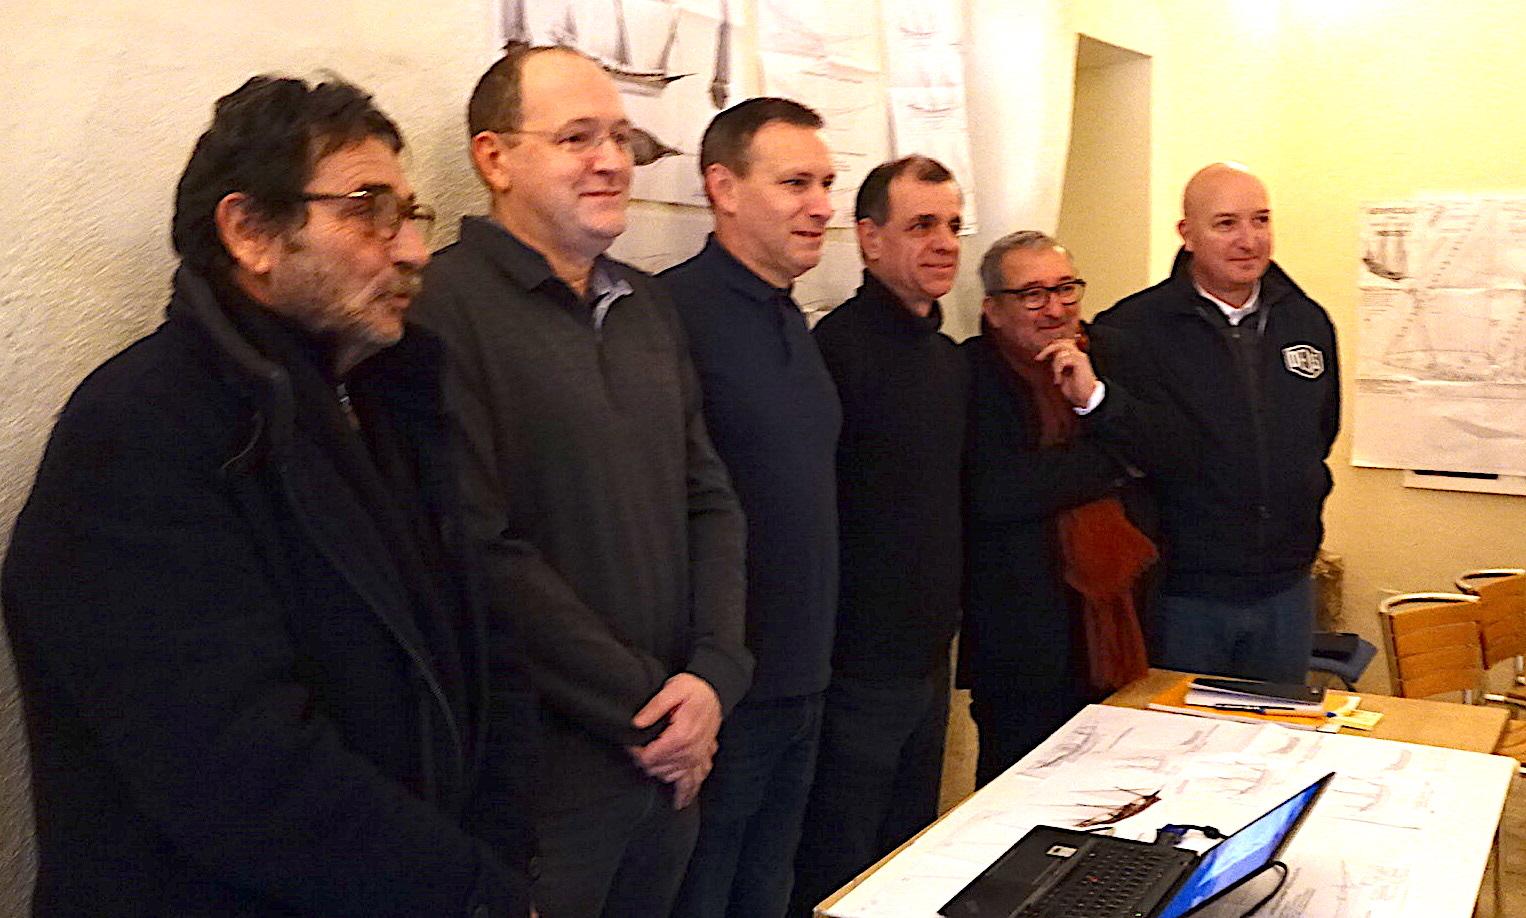 Les réprésentants de la Fondation du Patrimoine, de Vito et de A Madunetta